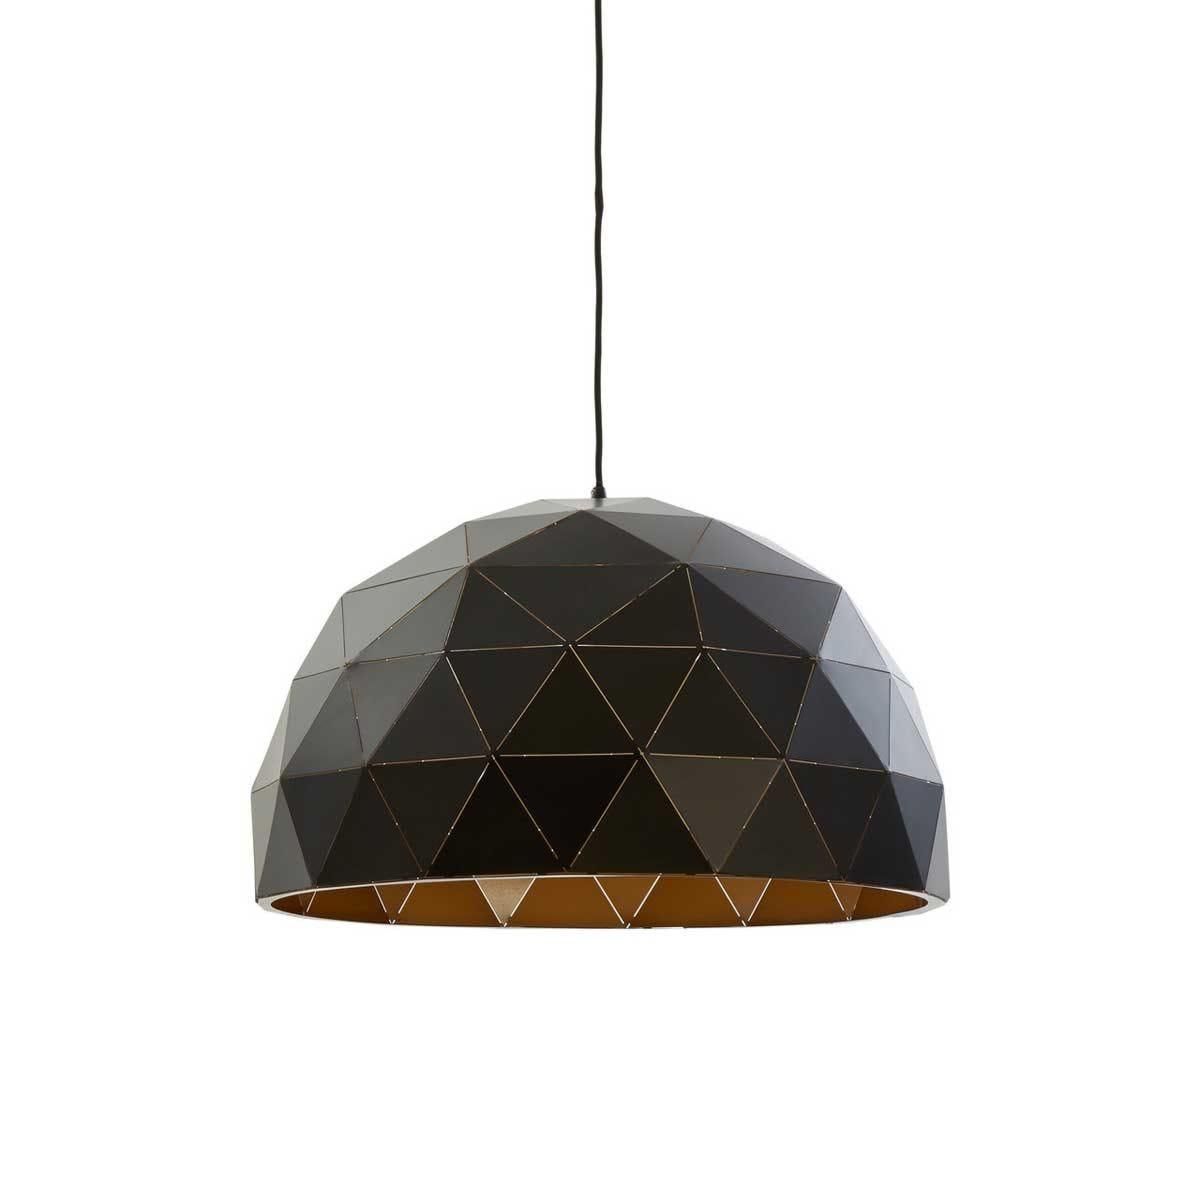 Premier Housewares Mateo Large Dome Pendant Light - Black/Copper